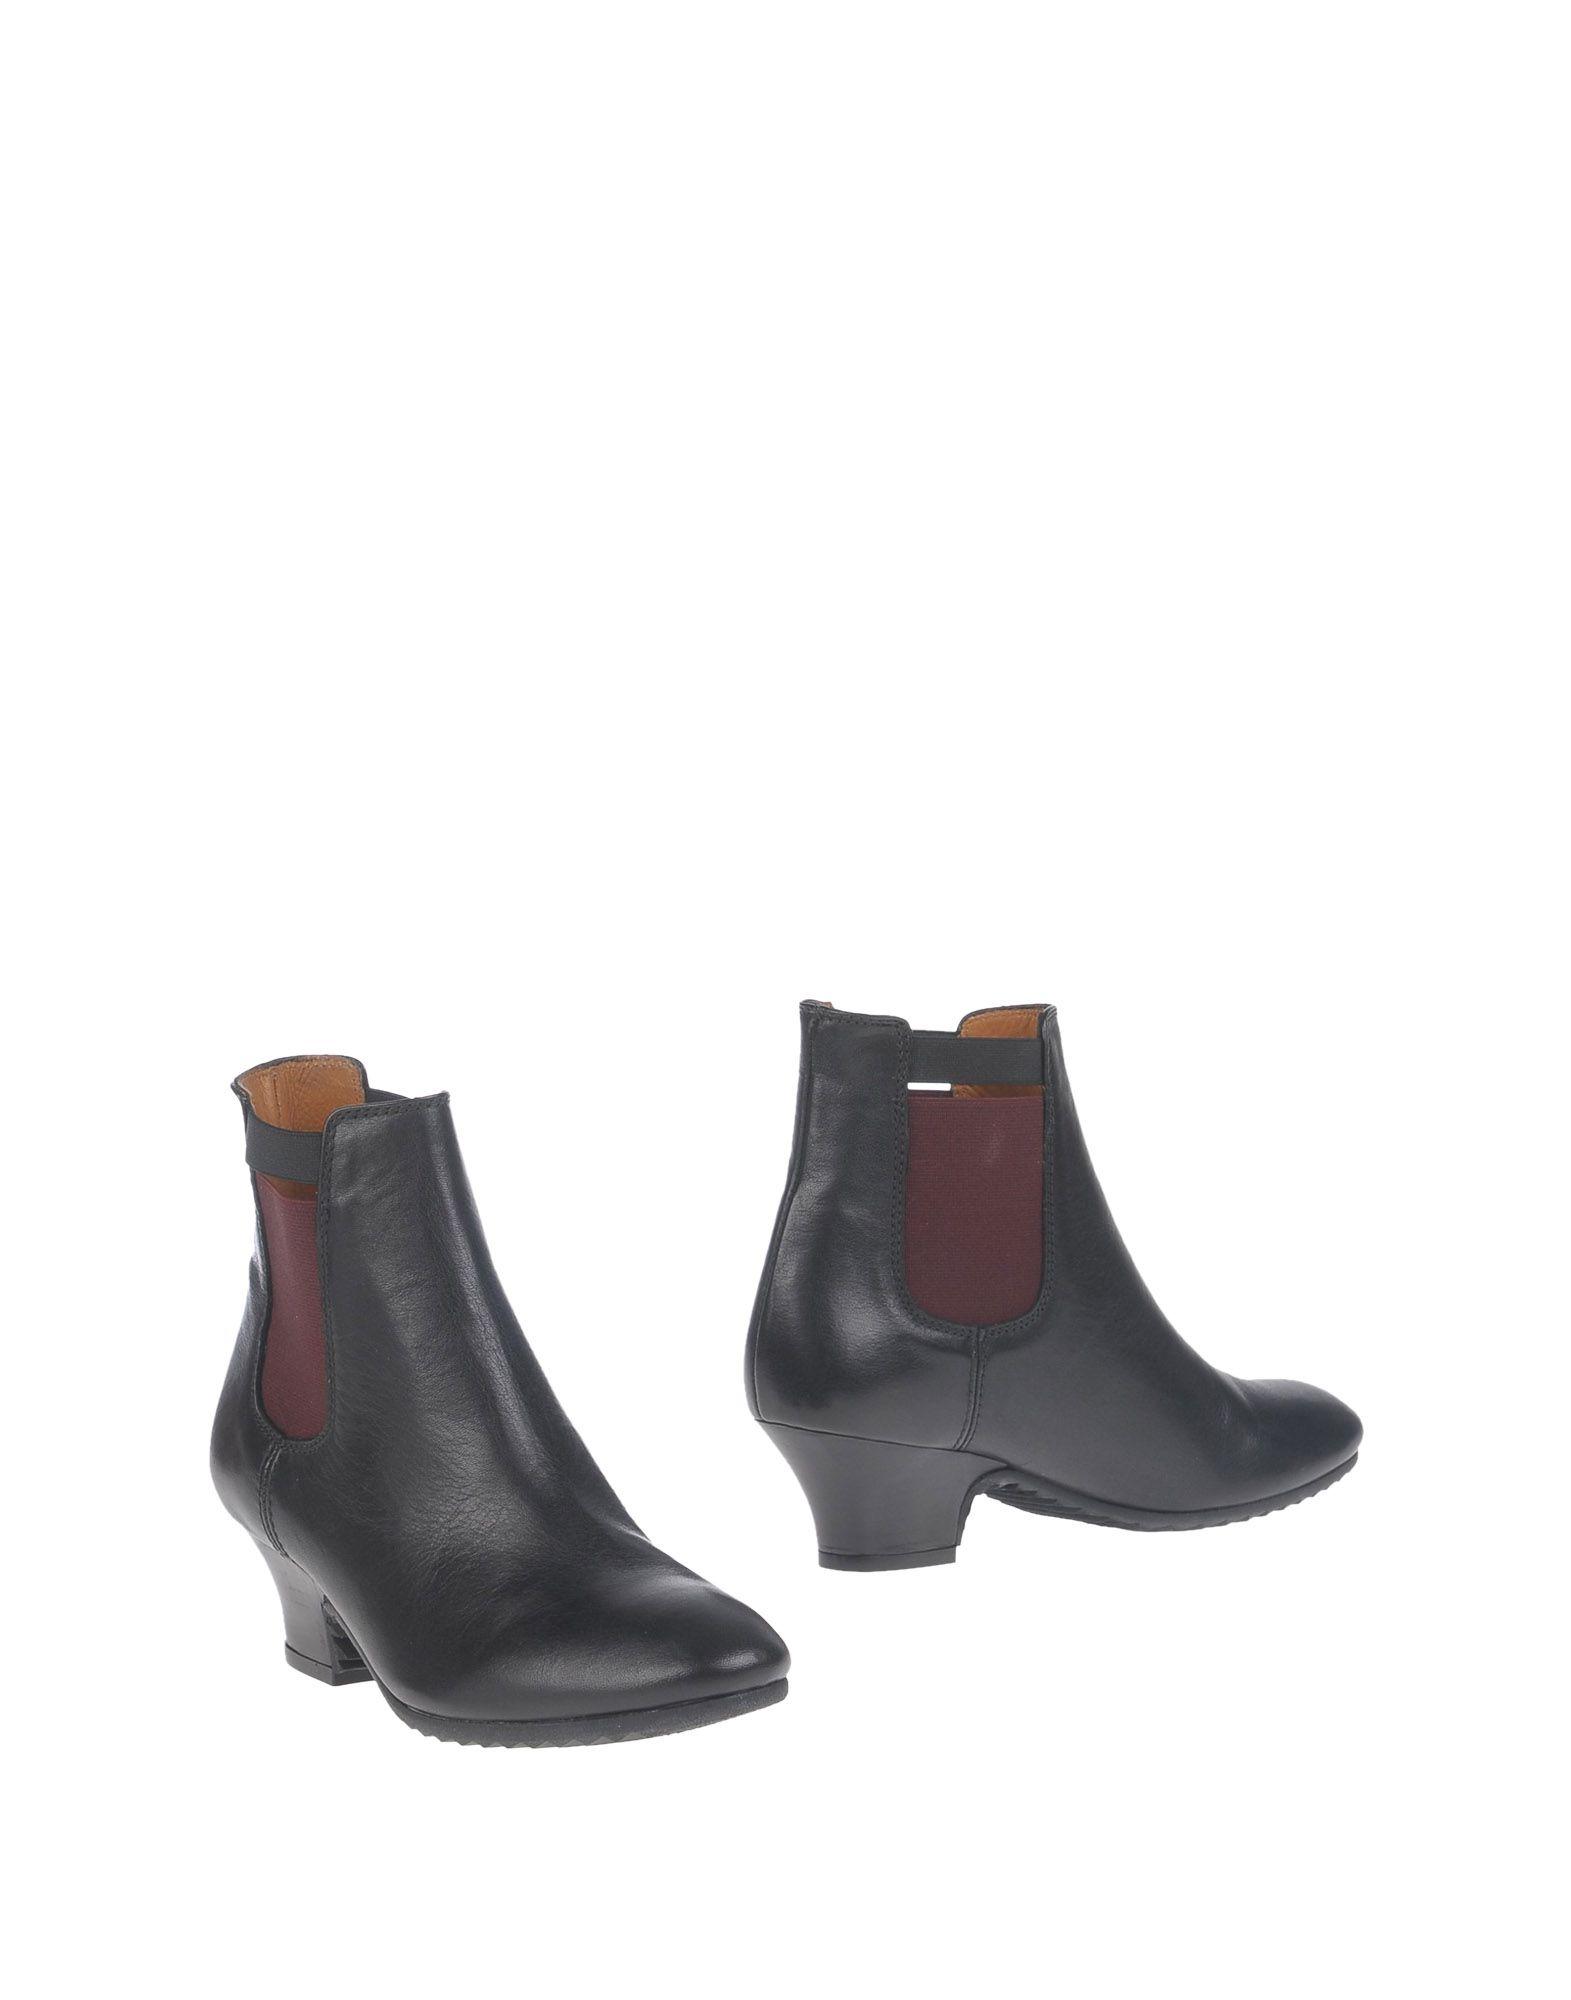 BALTARINI Полусапоги и высокие ботинки цены онлайн